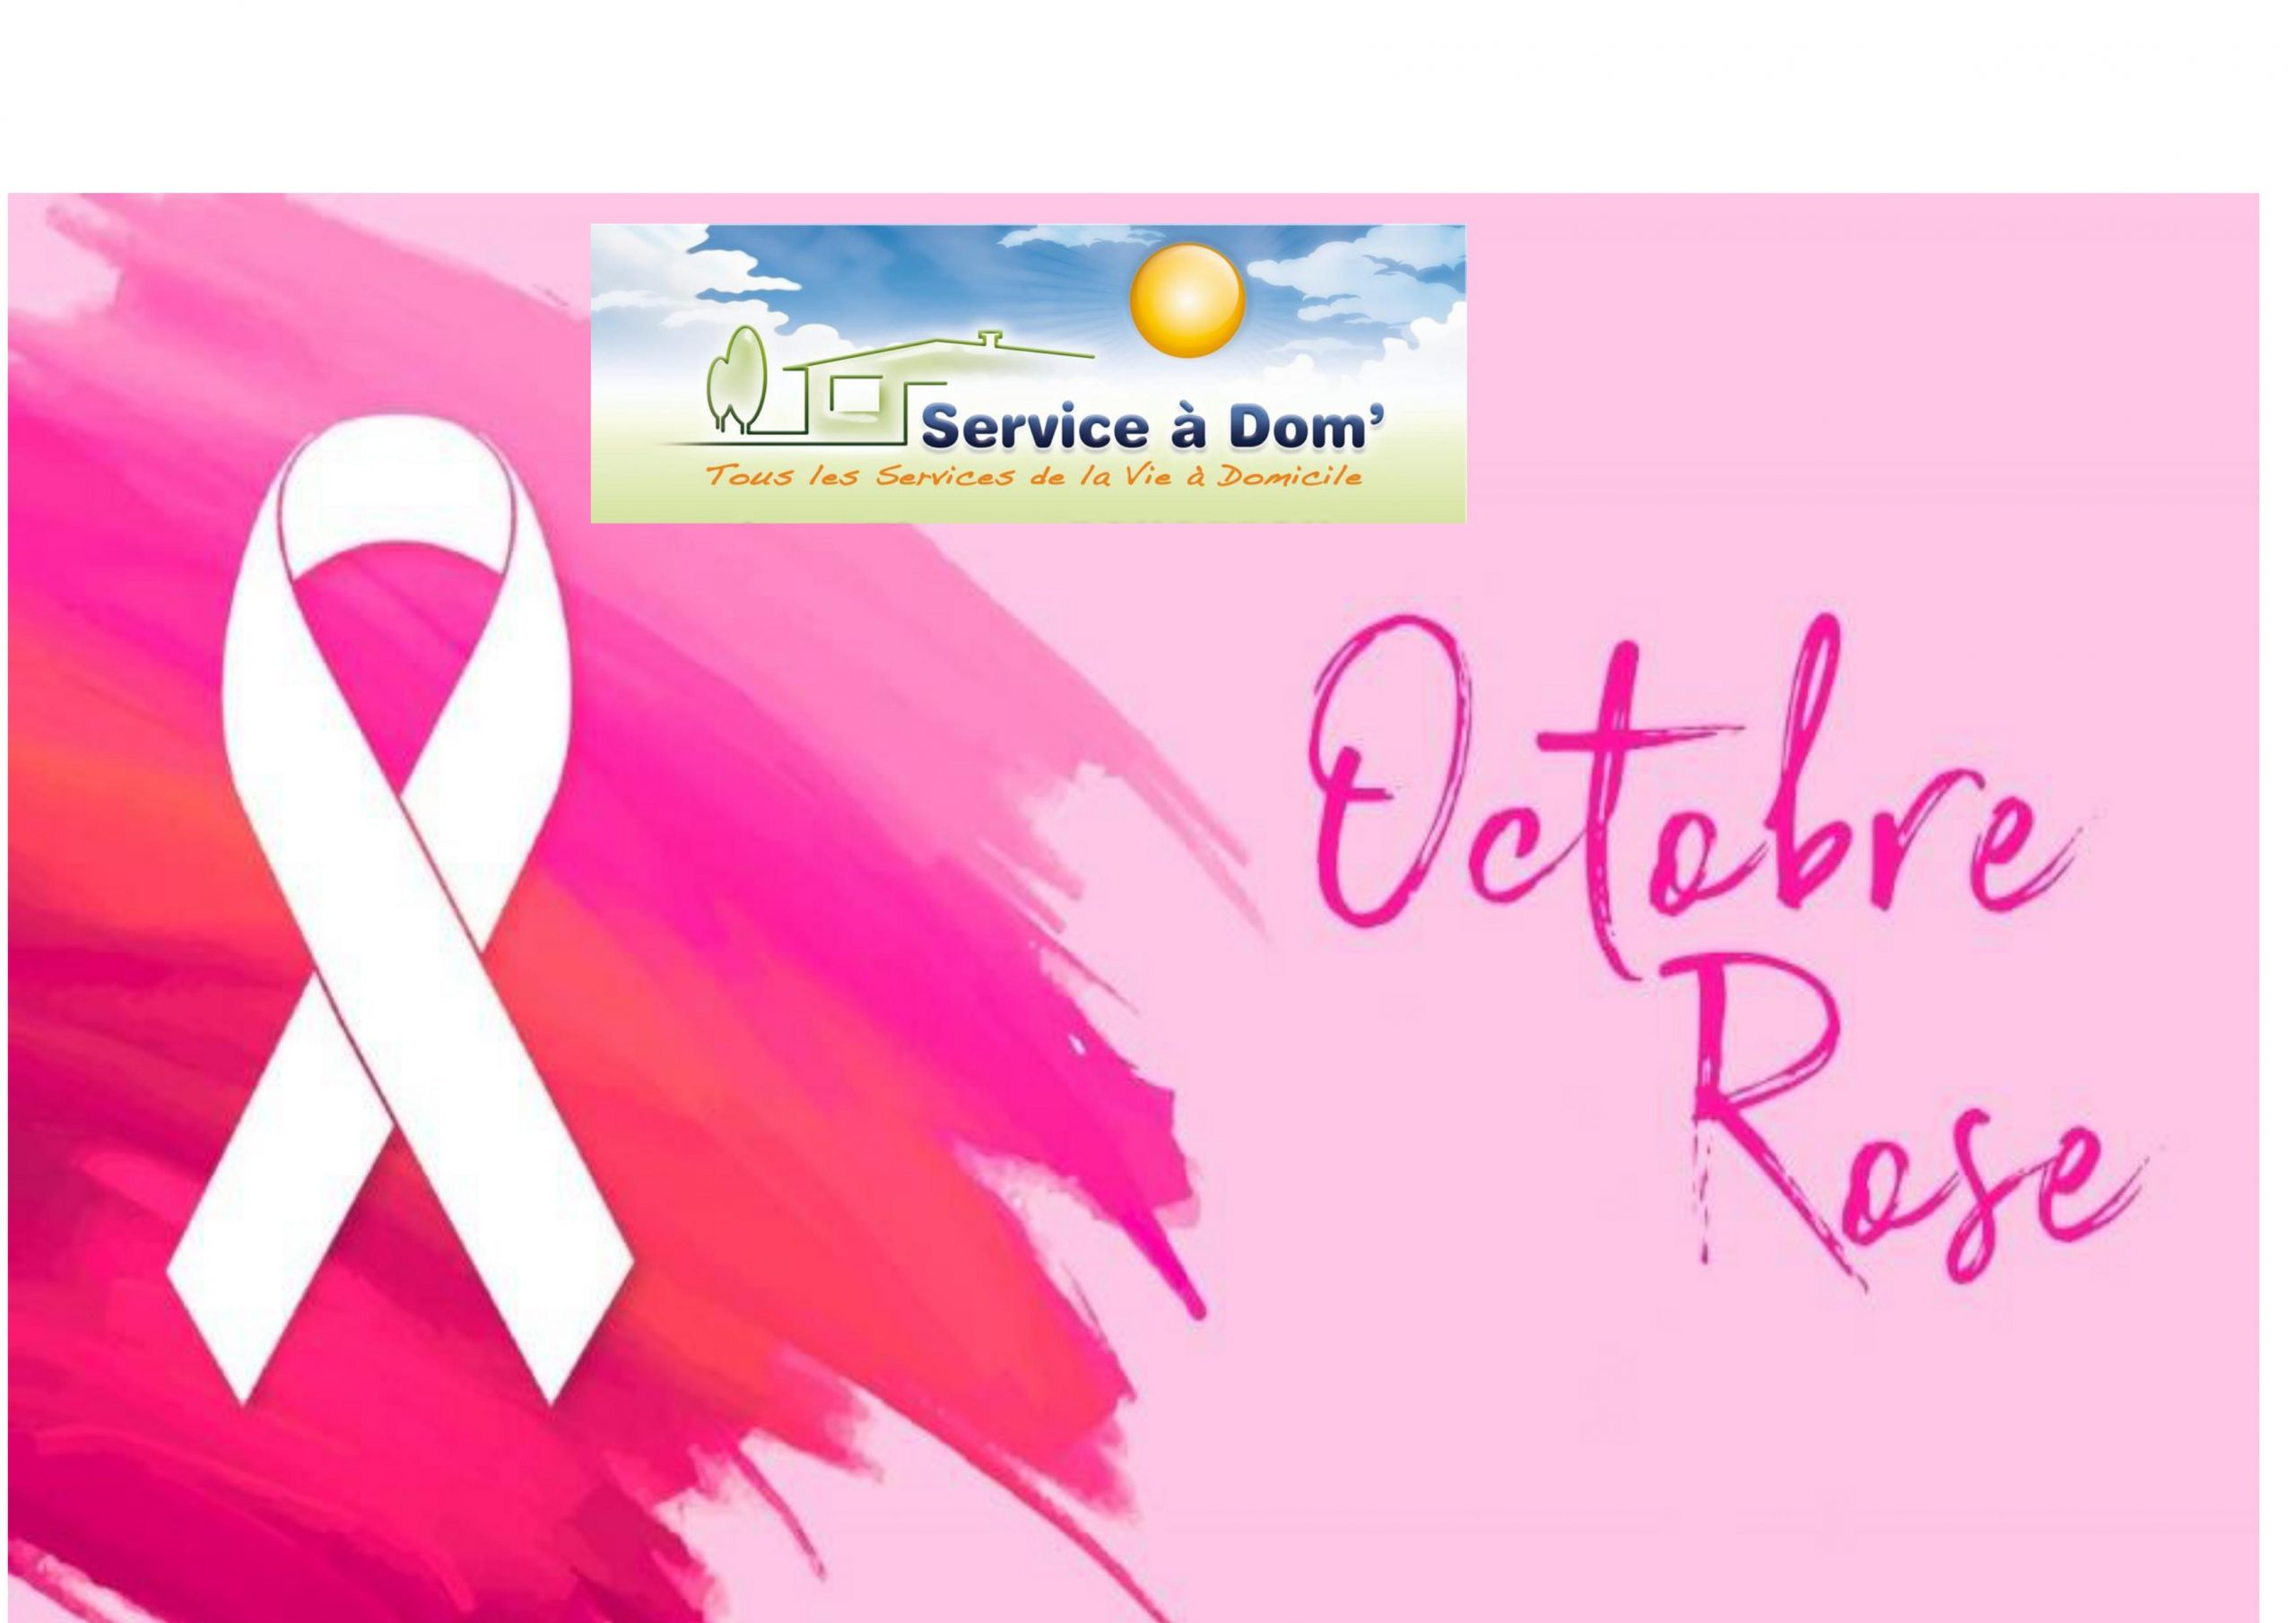 Service a Dom' un octobre en rose